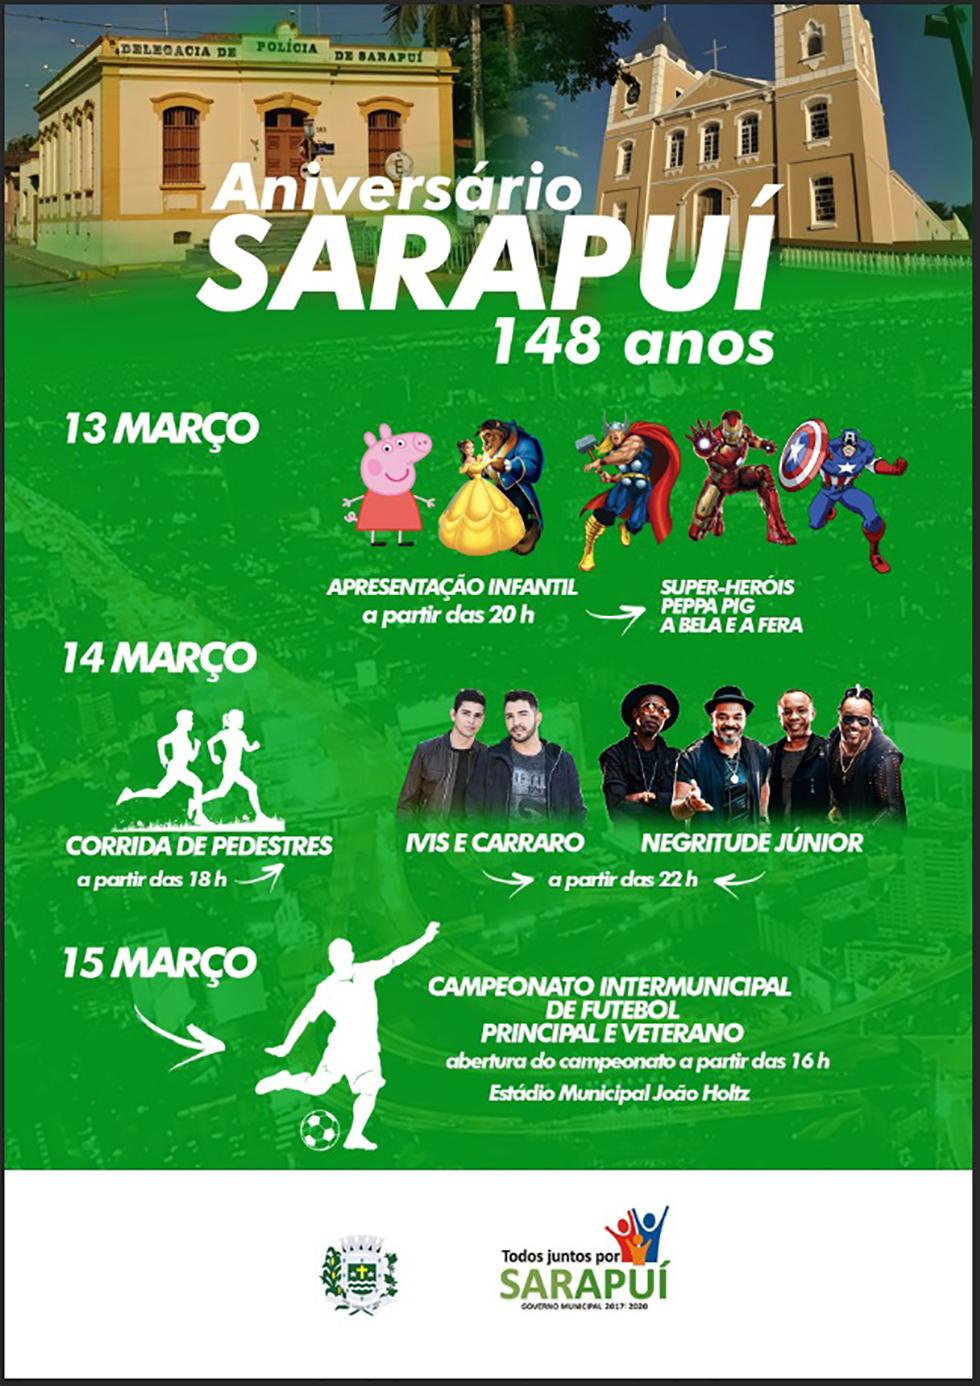 Festa de aniversário de Sarapuí tem atrações para todas as idades